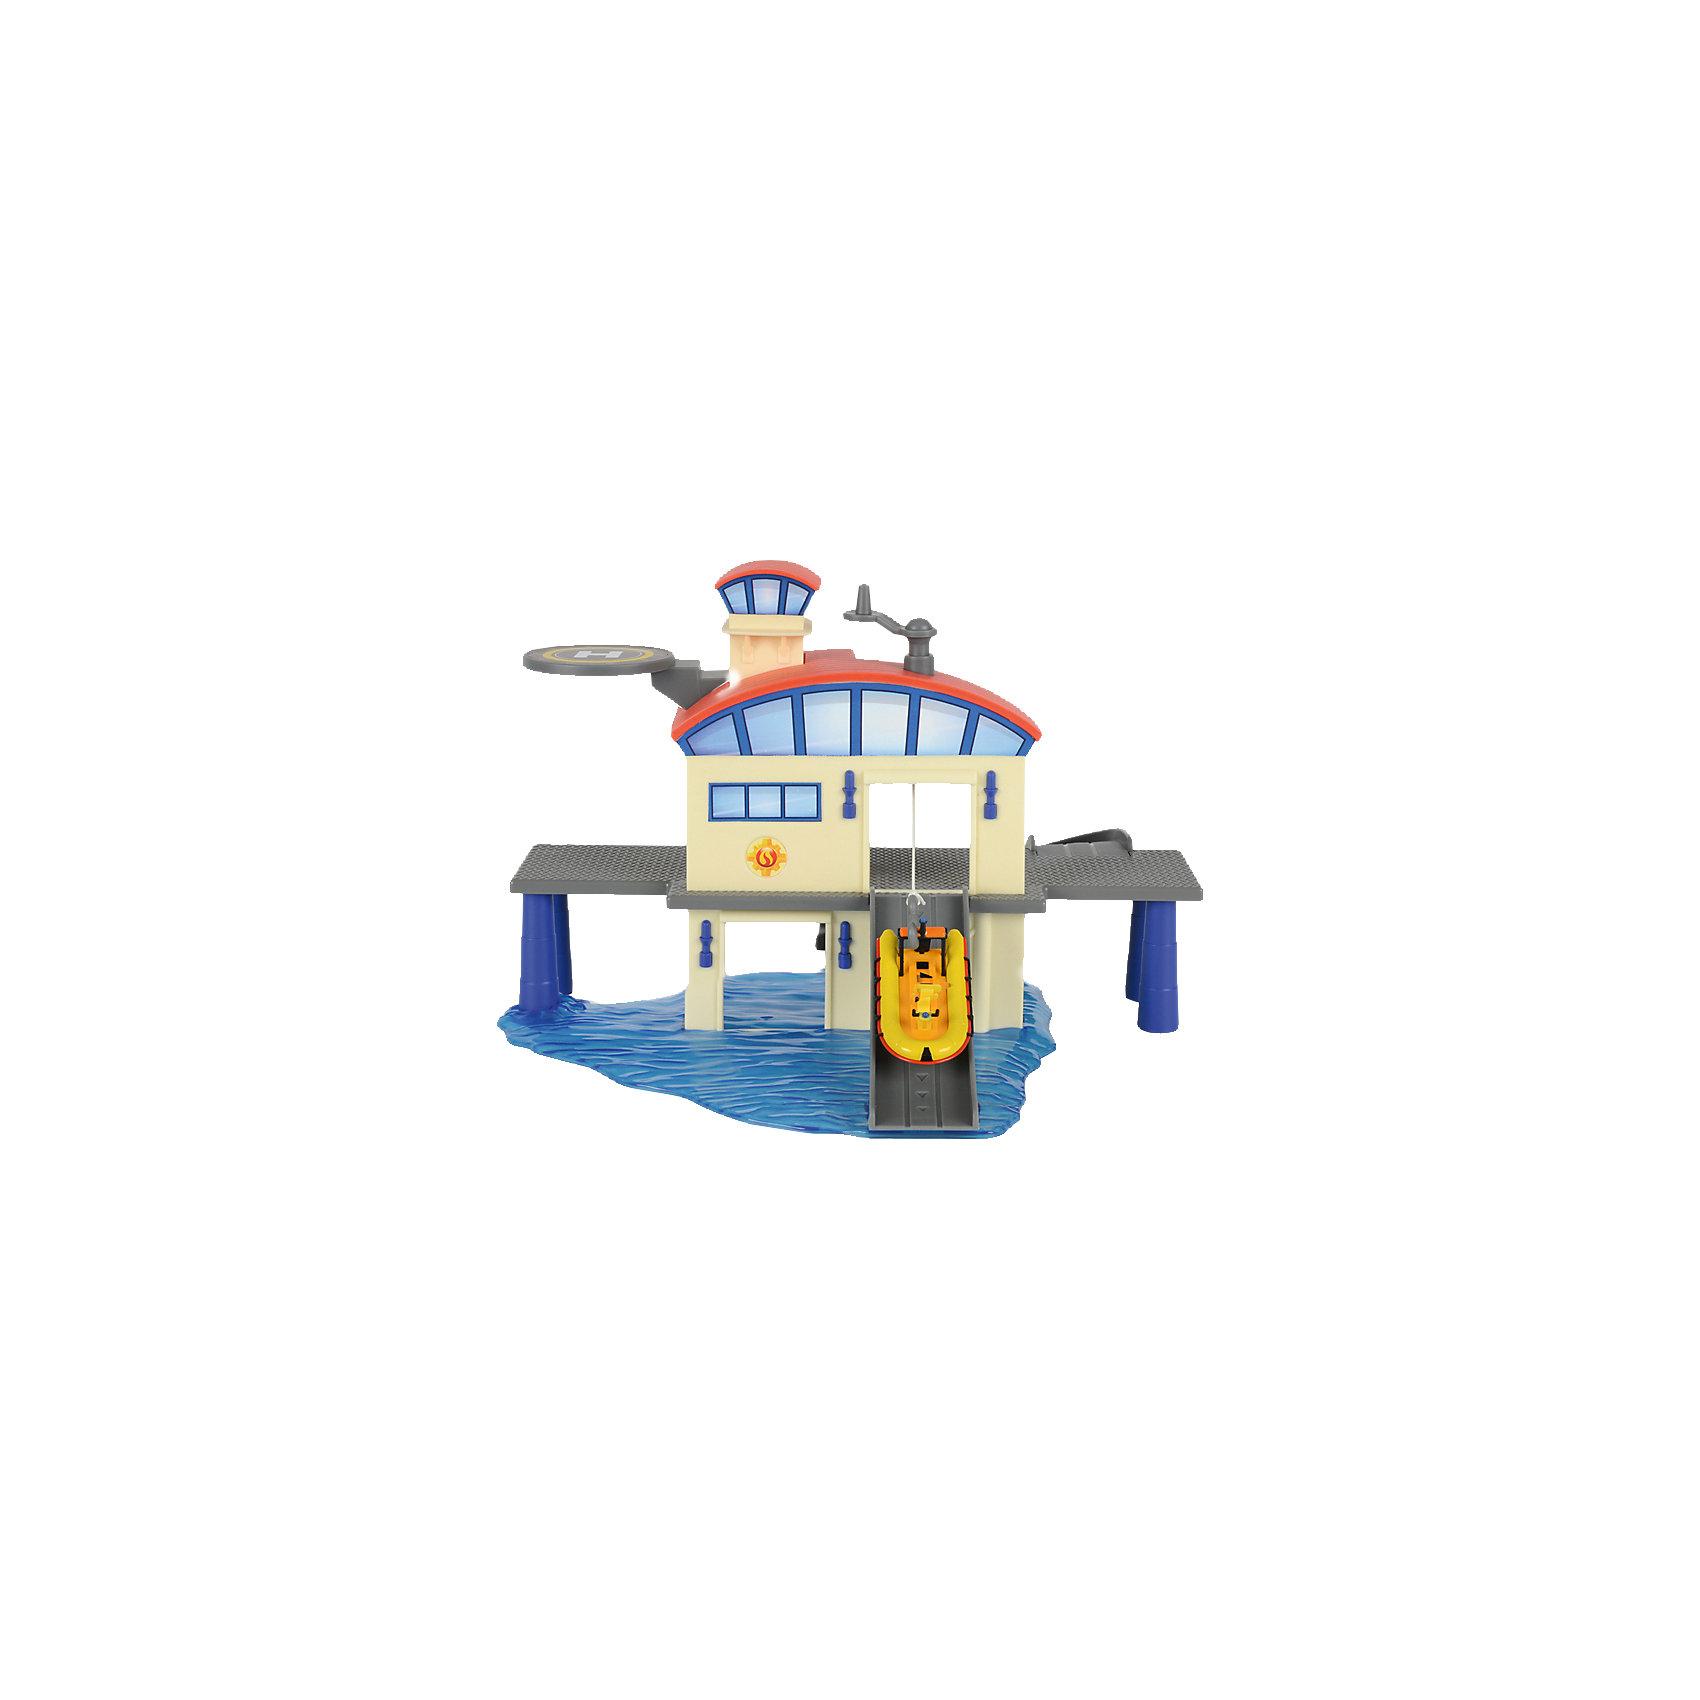 - Морской гараж с лодкой, Пожарный Сэм, Dickie купить гараж в москве путевой проезд